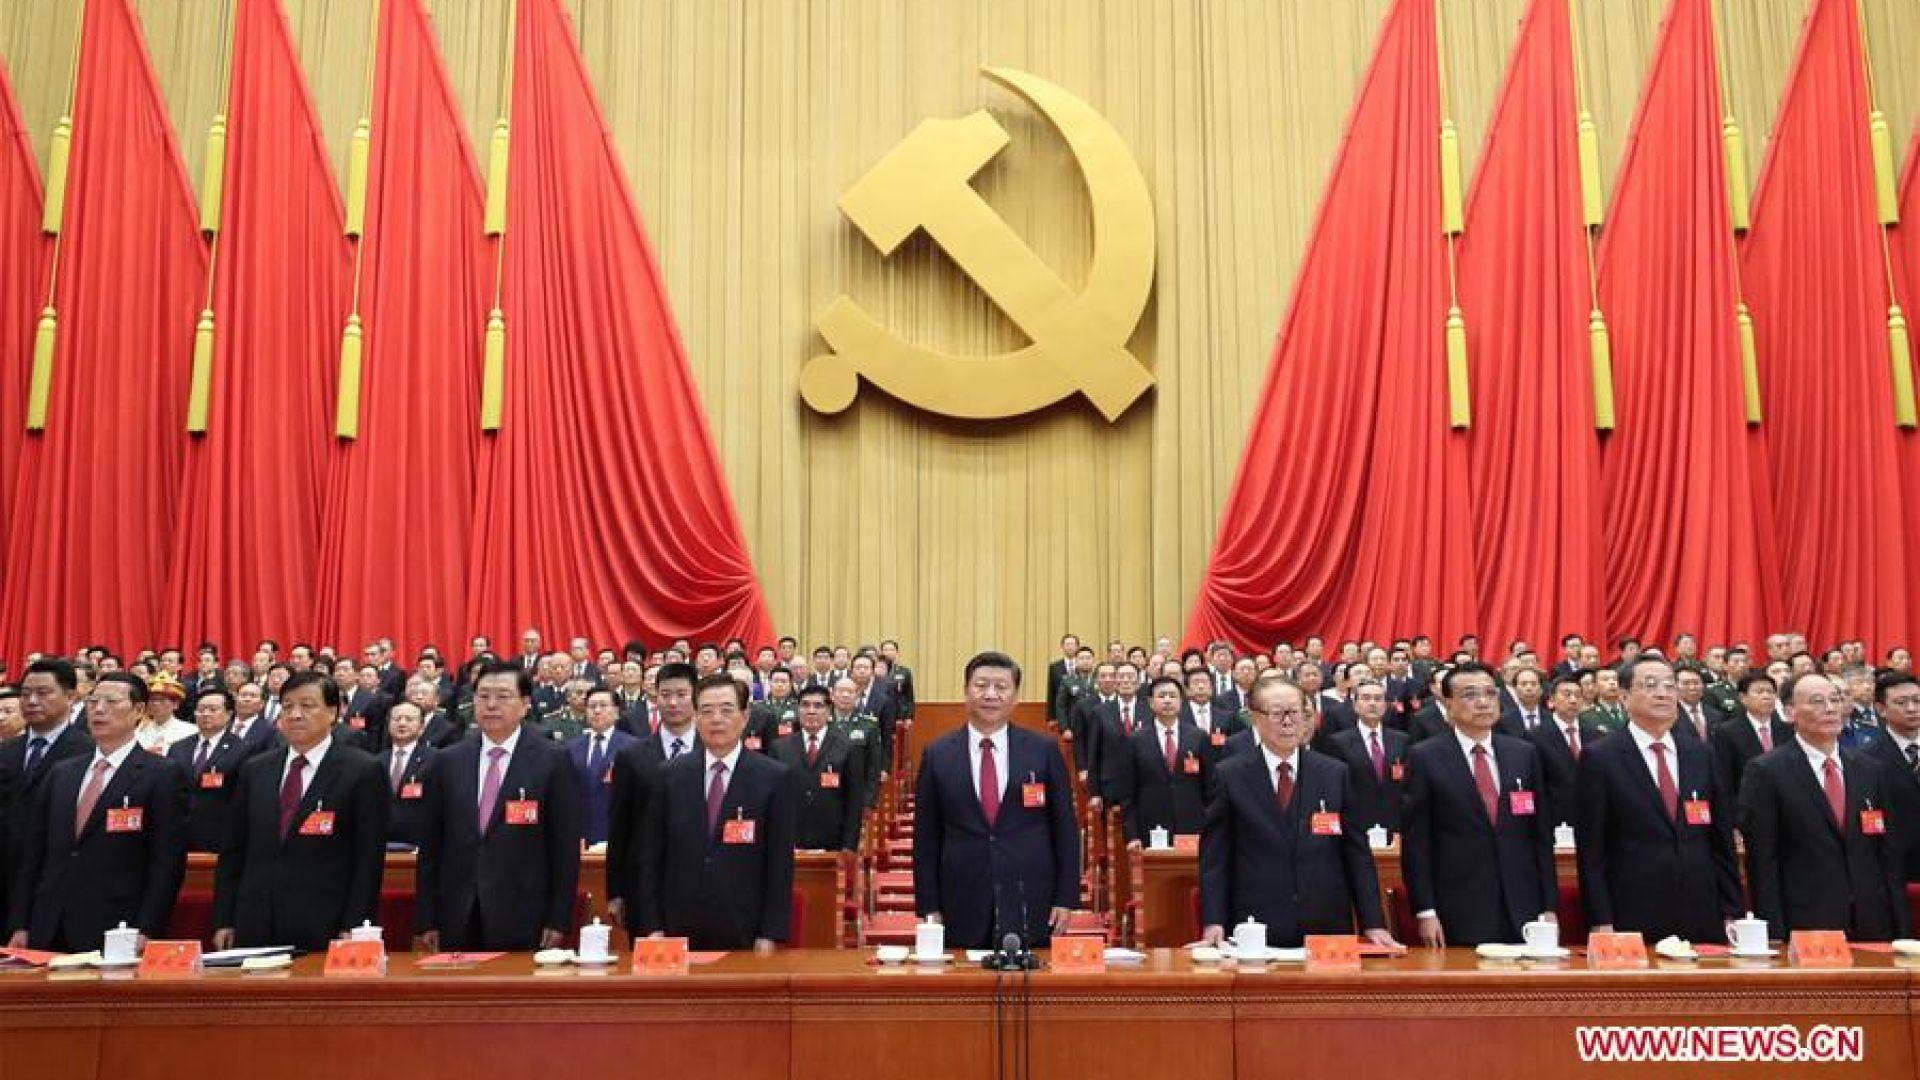 Снимка: Експерти: Пекин безмилостно налага китайските интереси в ЕС и на Балканите